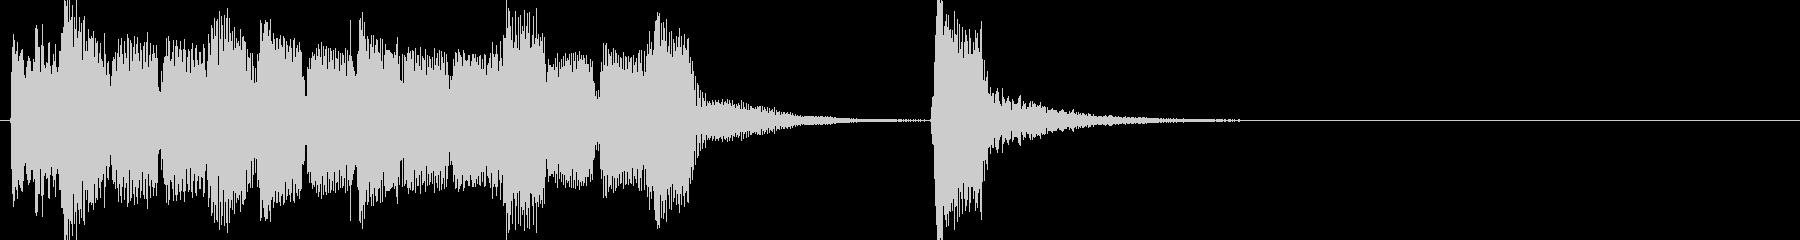 のほほんとしたリコーダーのジングルの未再生の波形